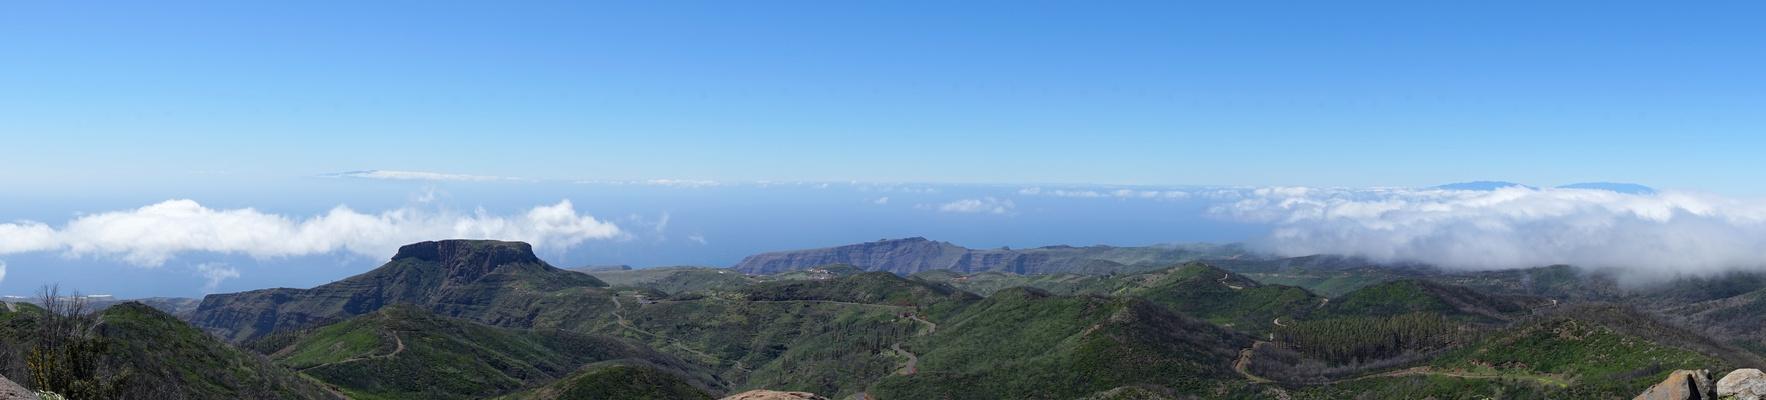 PANO: Desde el alto del Garajonay - im Hintergrund El Hierro UND La Palma